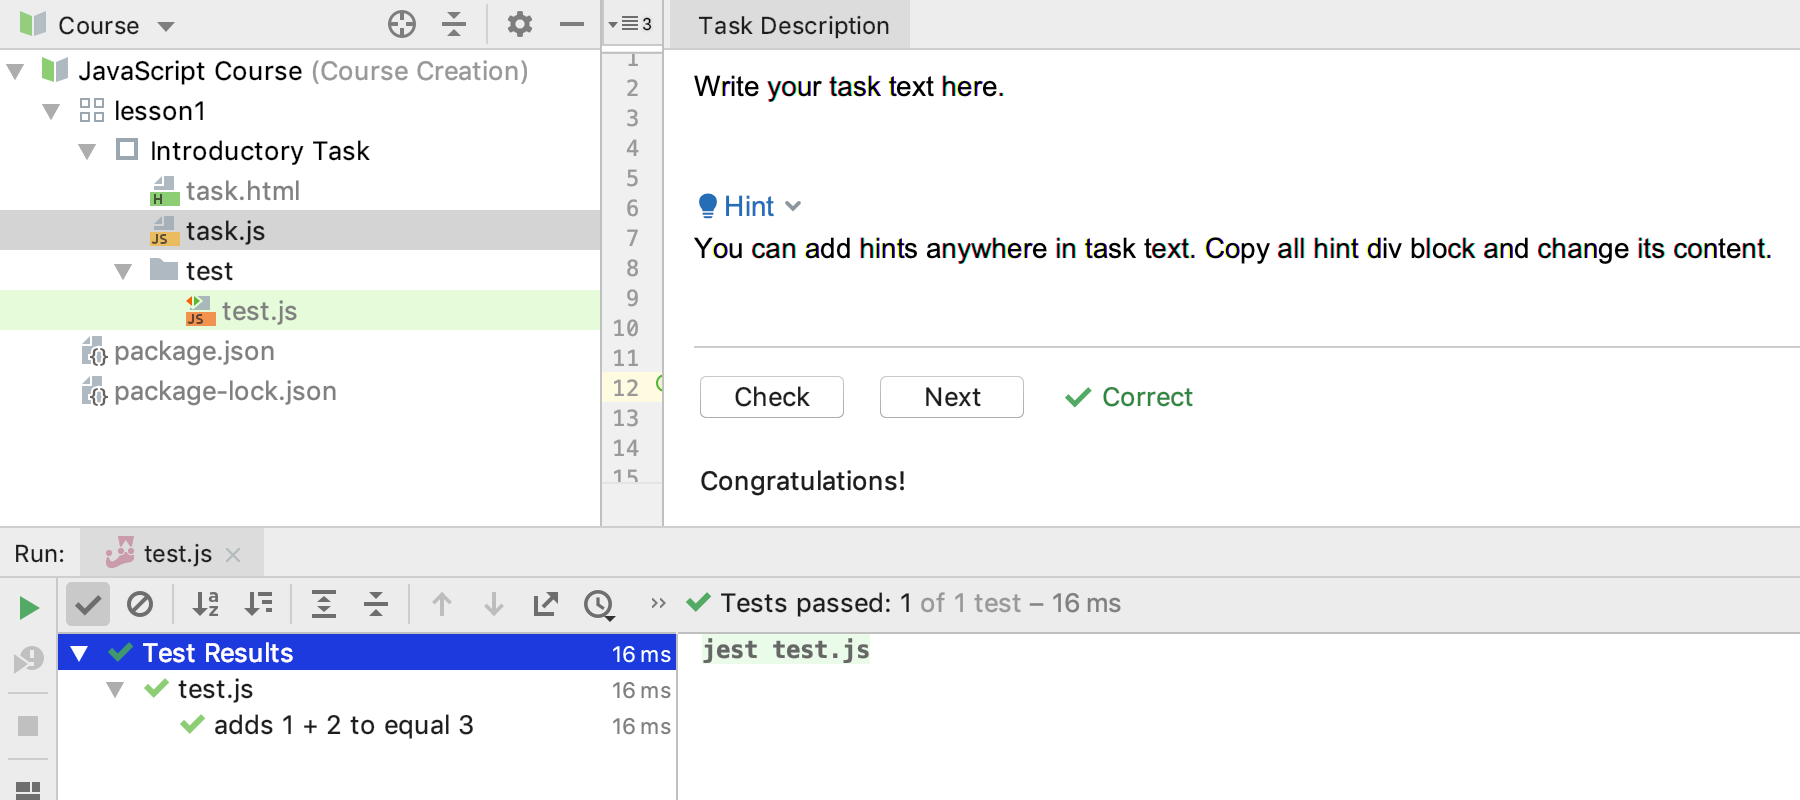 edu run test js